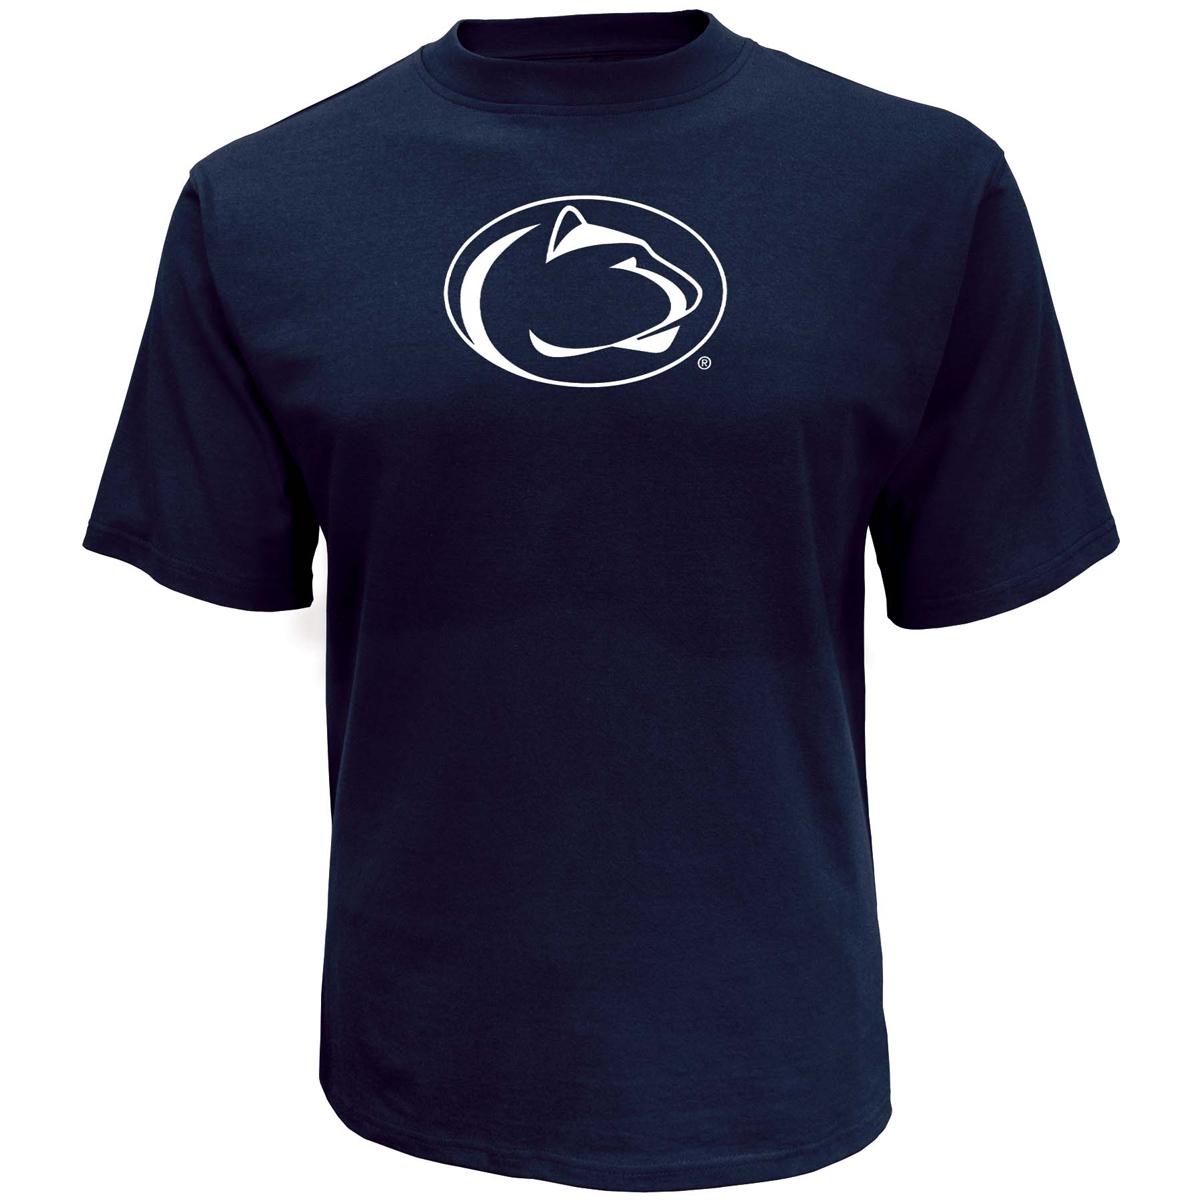 Men's Penn State Oversized Logo Short Sleeve T-Shirt, Navy, swatch